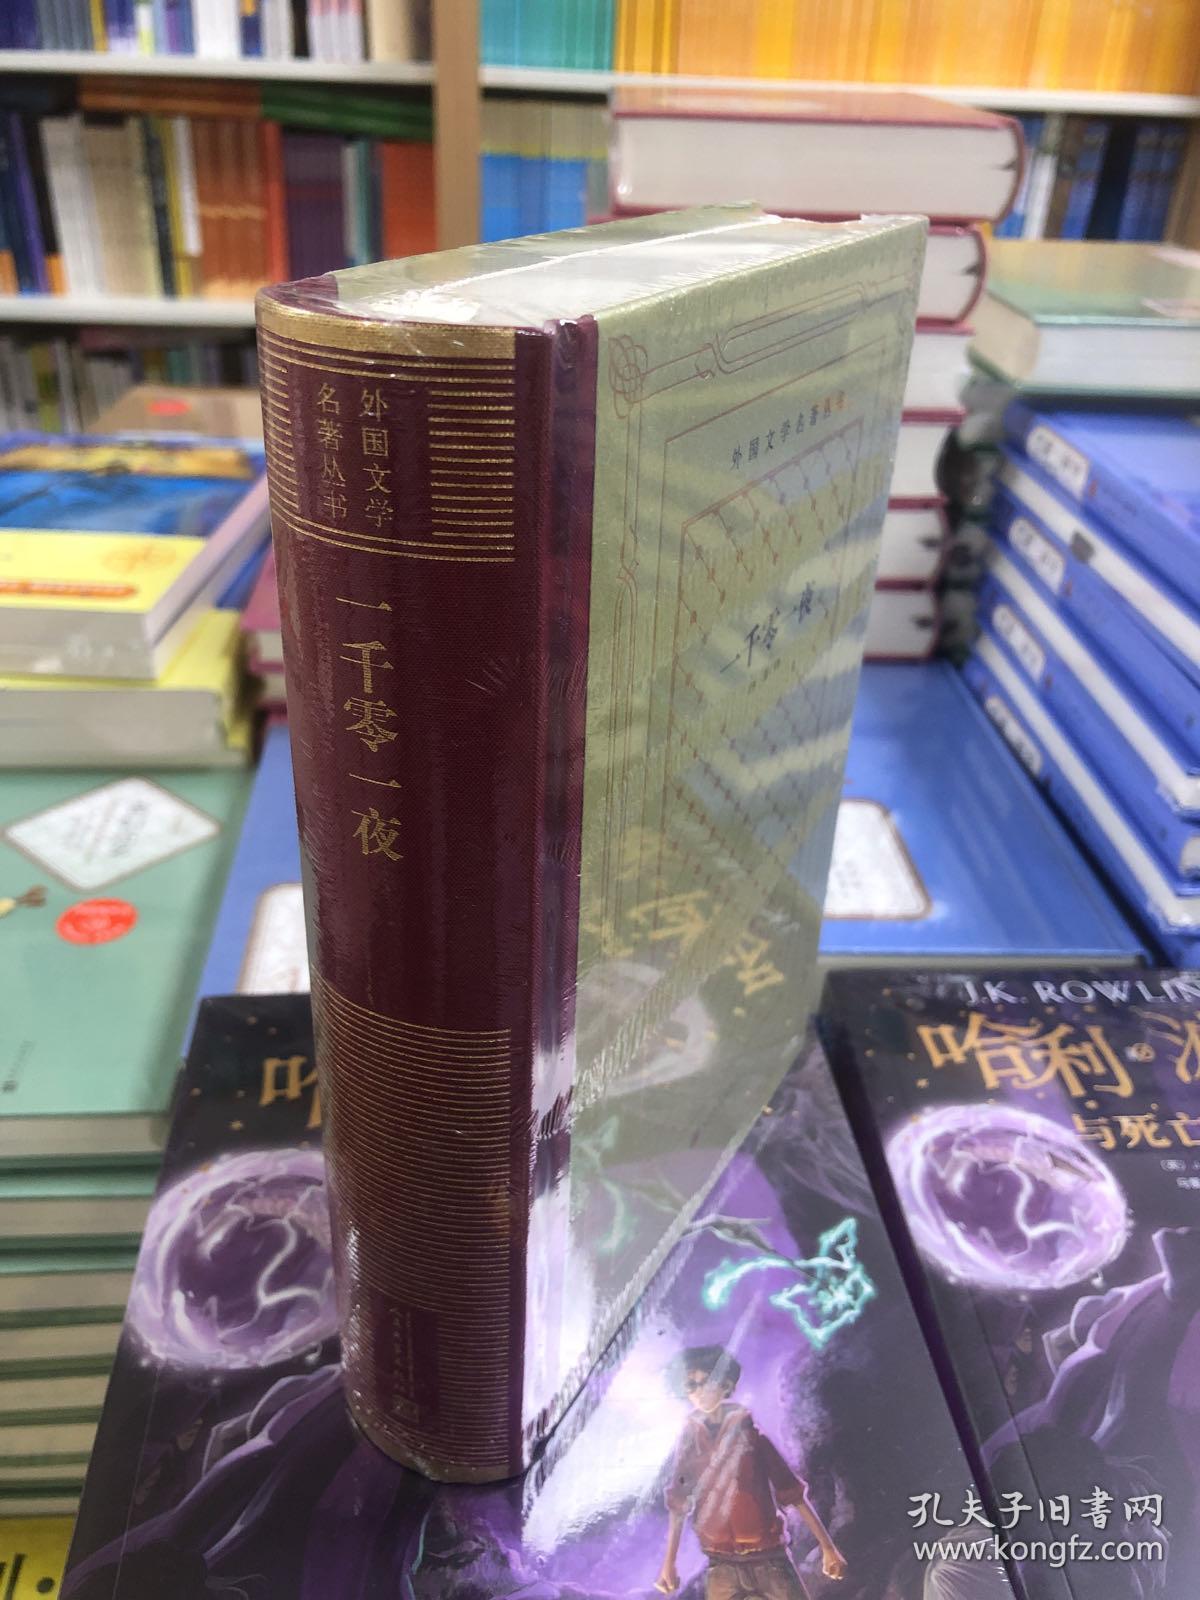 (现货) 一千零一夜 网格本 外国文学名著丛书 纳训译 人民文学出版社